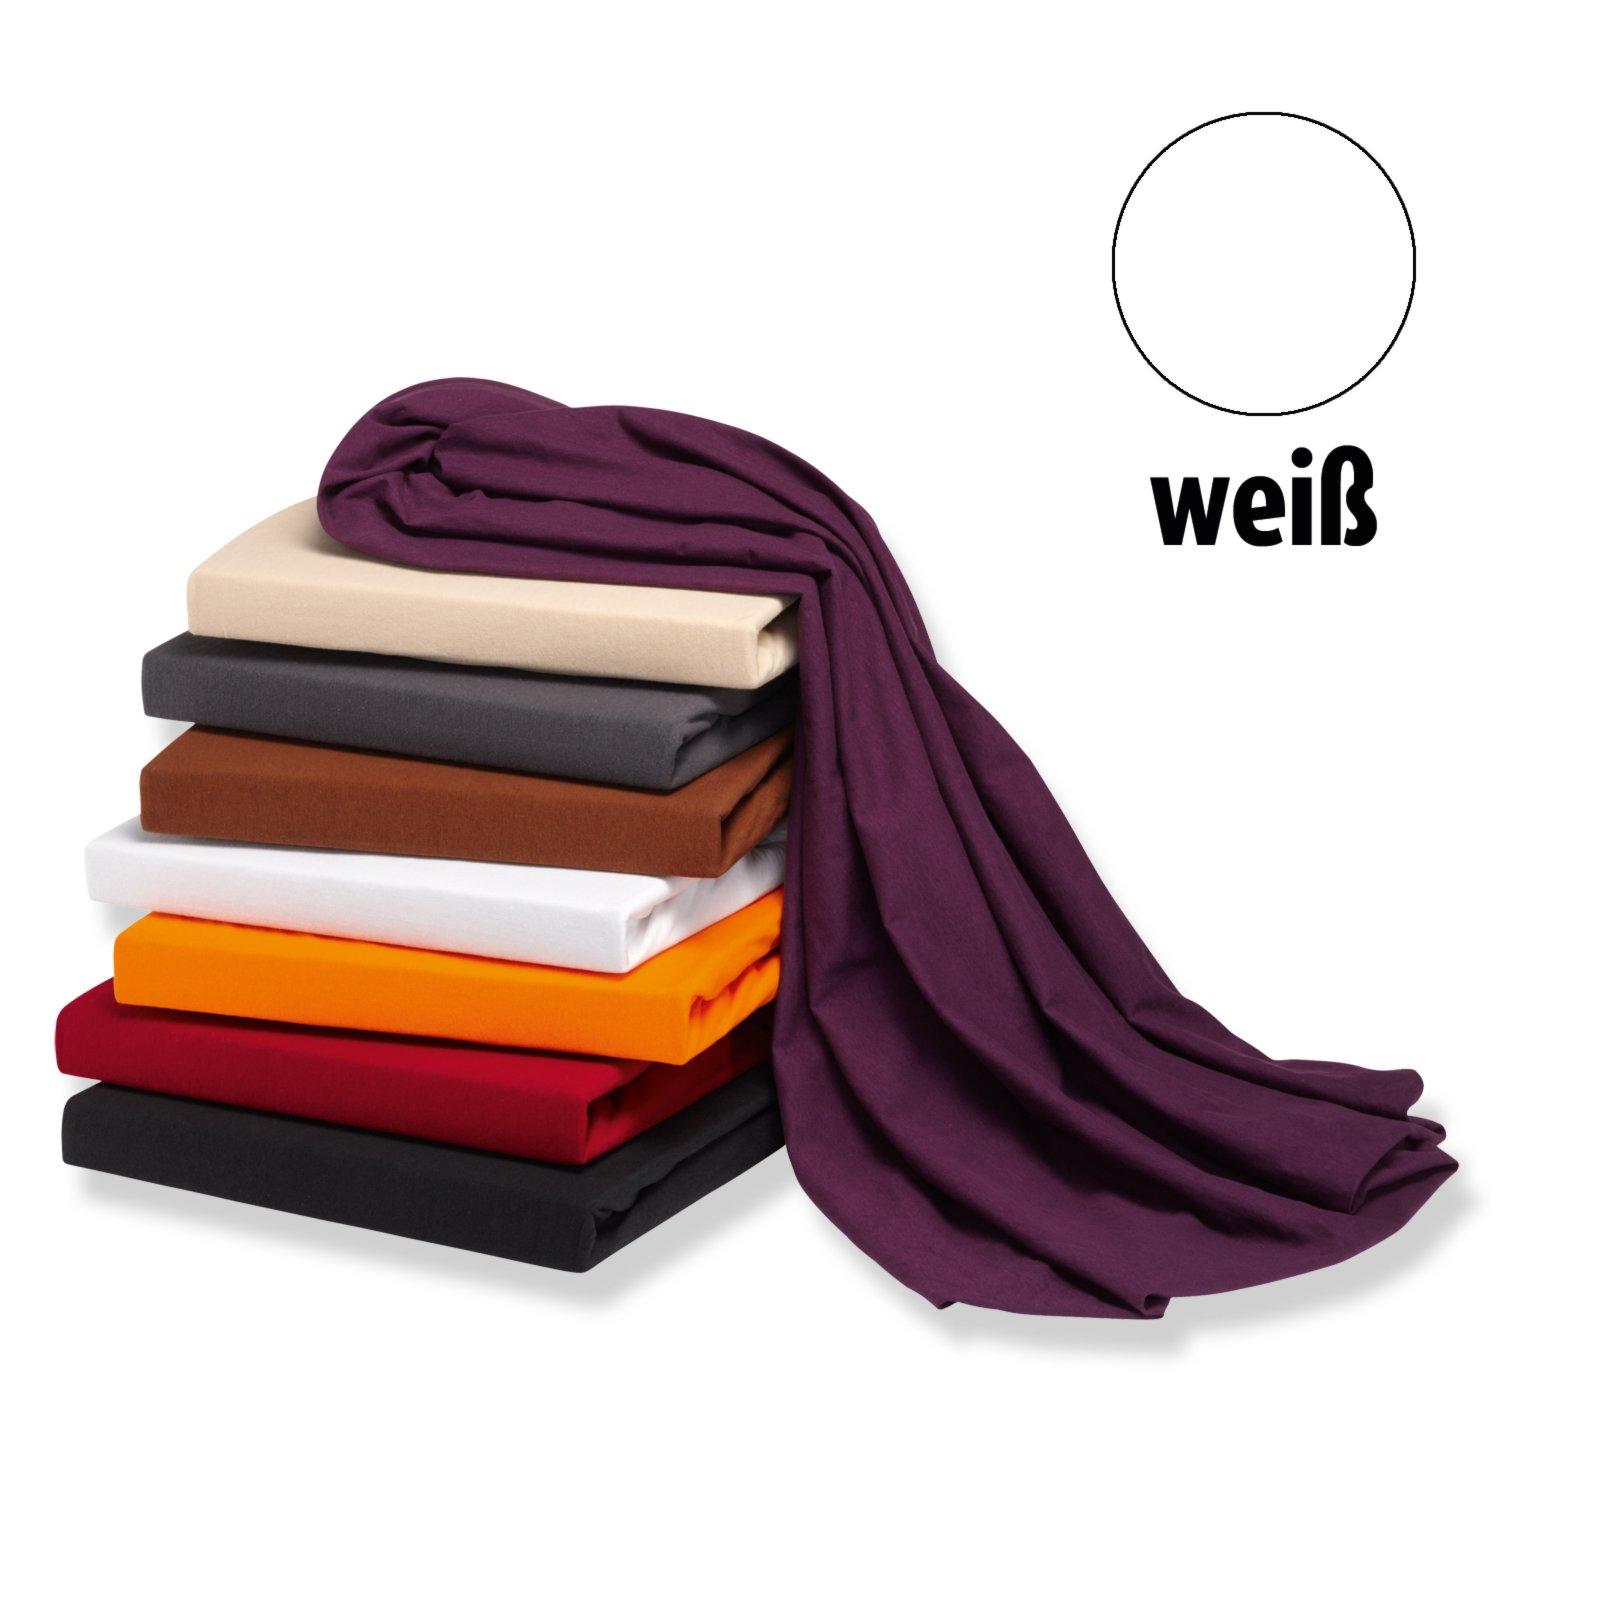 elastic jersey spannbettlaken exclusiv wei 180x200 cm bettlaken bettw sche bettlaken. Black Bedroom Furniture Sets. Home Design Ideas